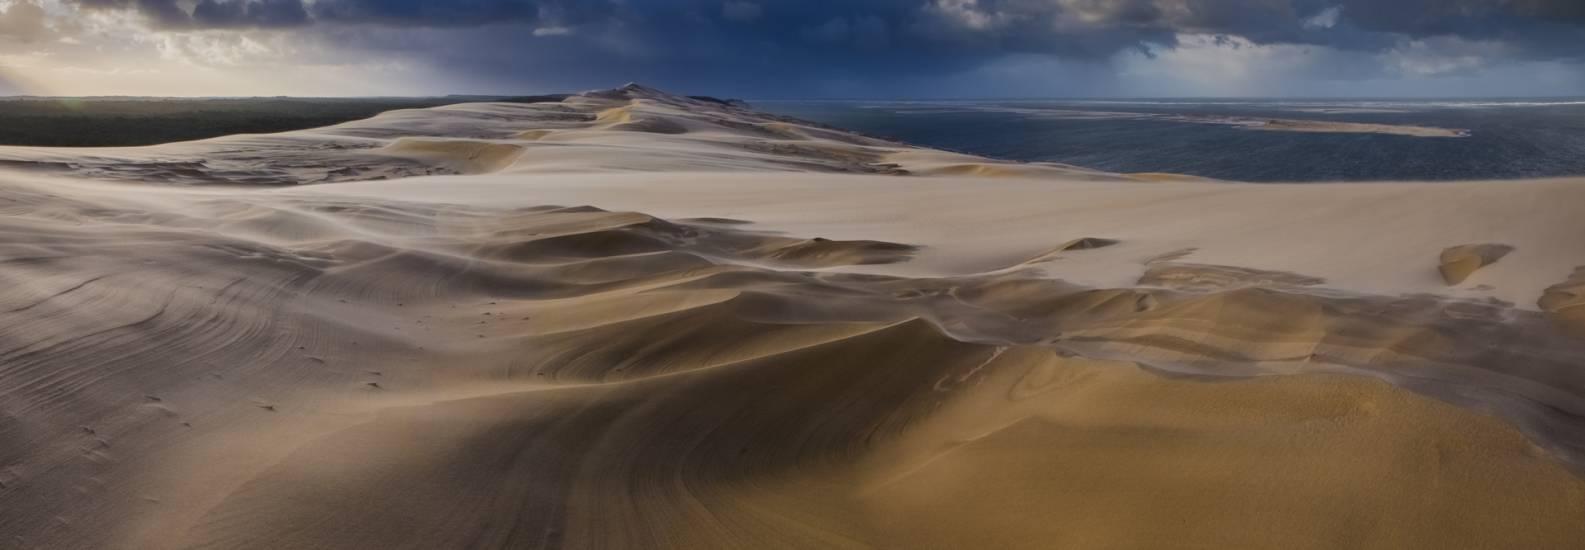 Photo Bassin d'Arcachon : Bassin d'Arcachon - Dune du Pilat #9